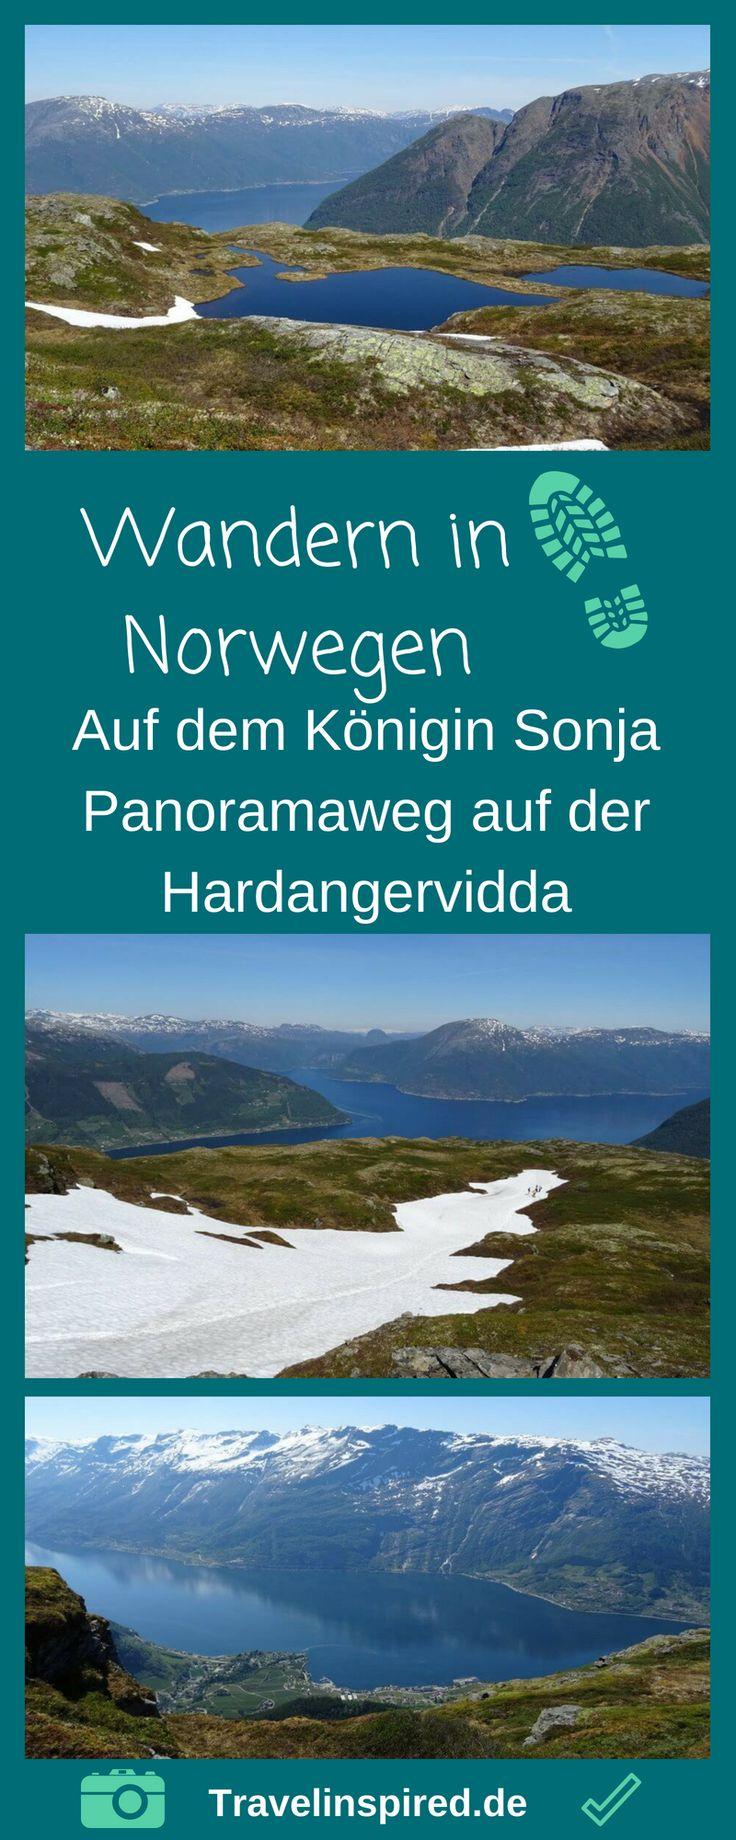 Norwegen Wandern durch malerische Landschaft